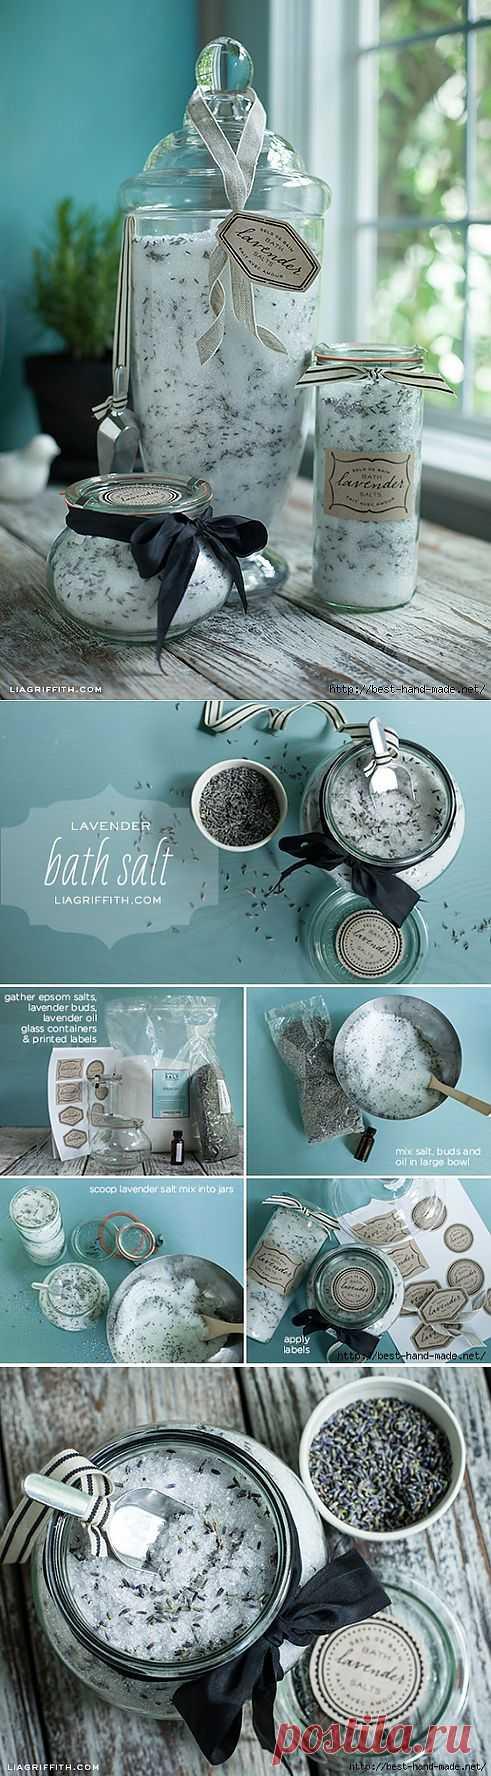 Лавандовая соль для ванны. Рецепт и этикетки.